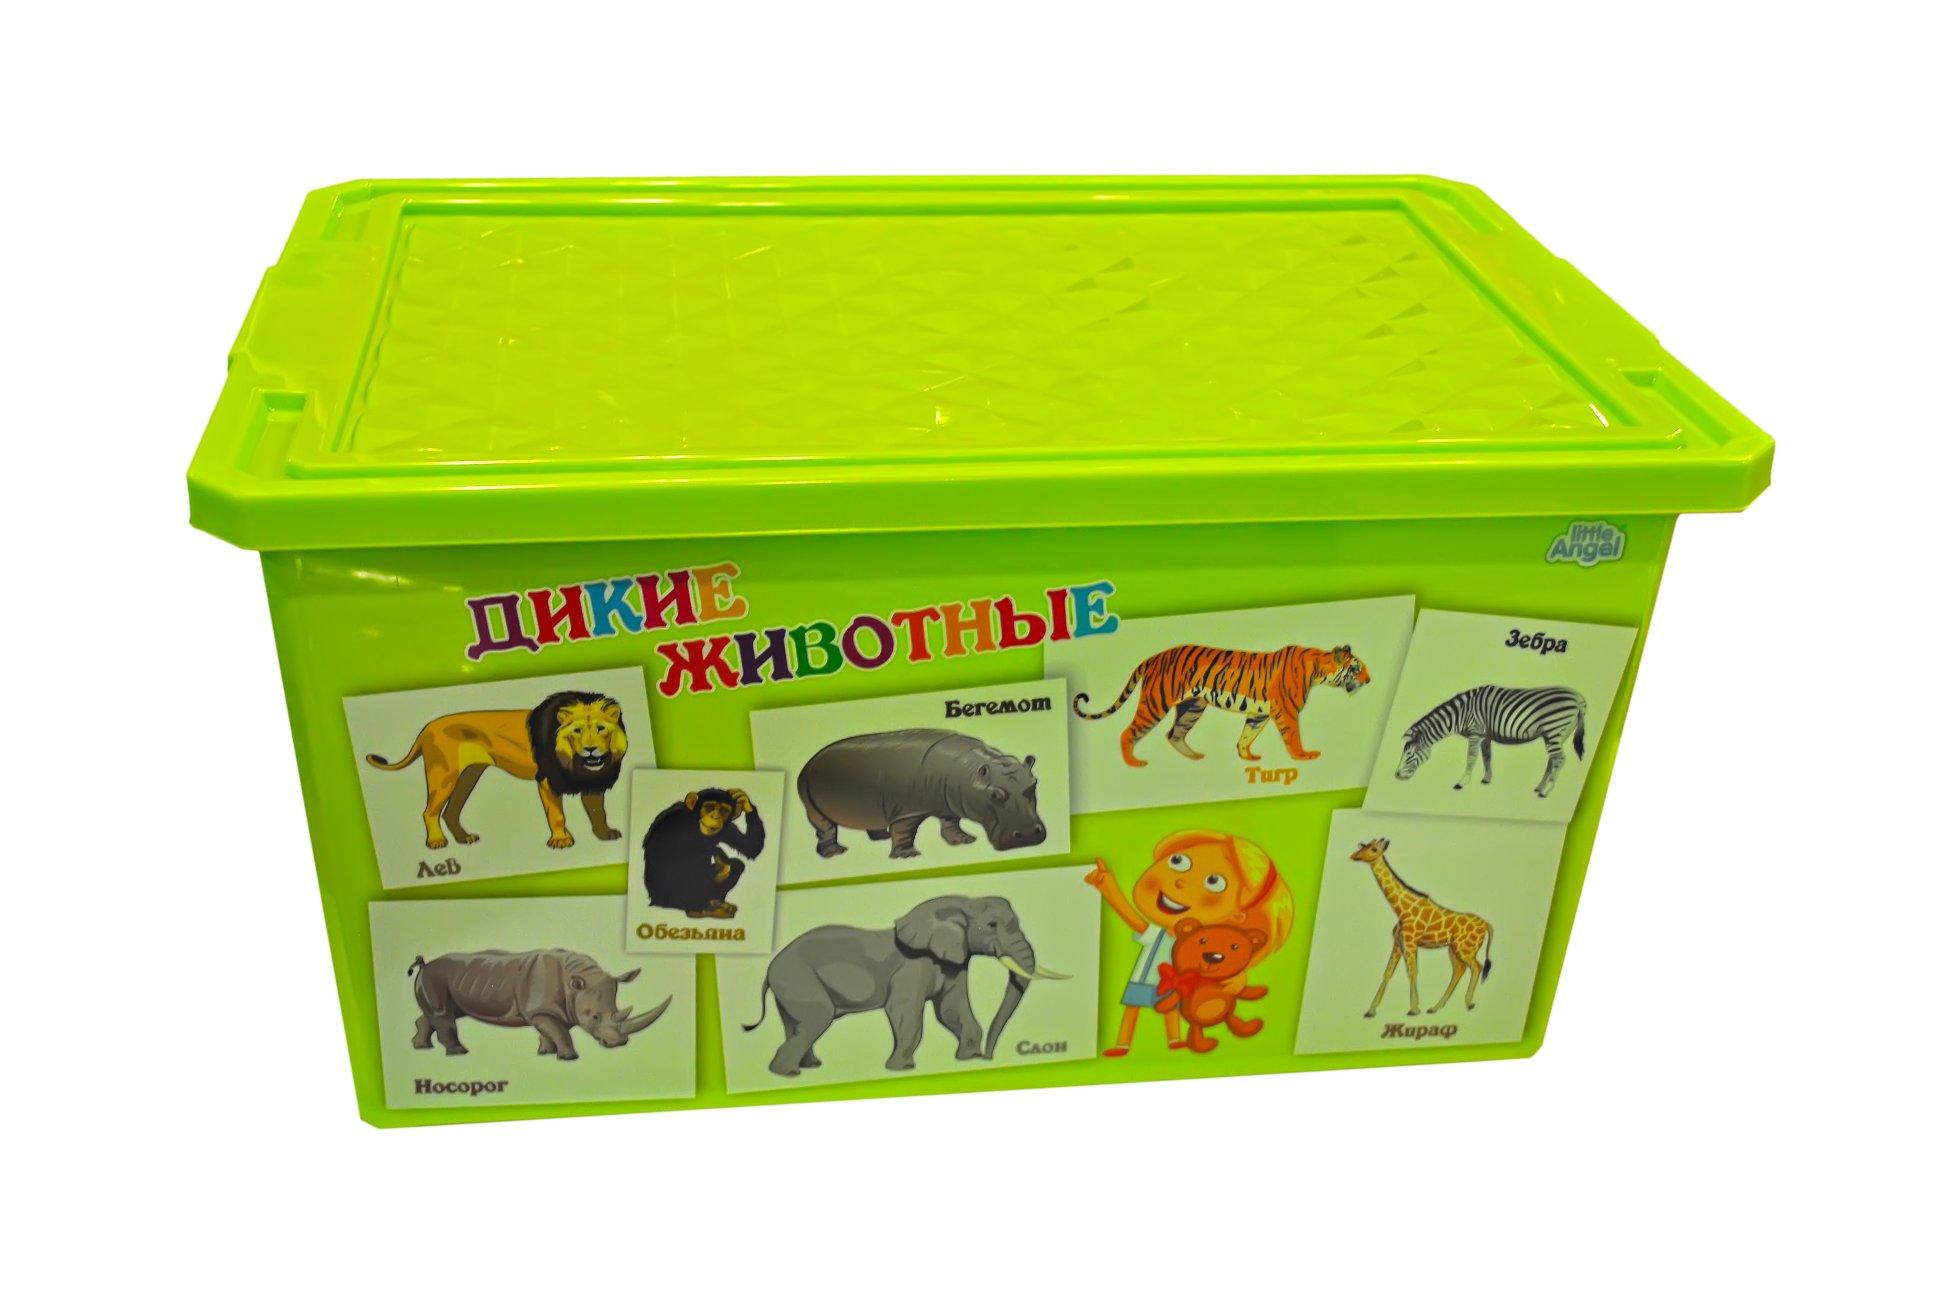 Ящик для хранения игрушек Little Angel X-BOX. Обучайка. Животные, цвет: салатовый, 57 л531-301Универсальный ящик для хранения от Little Angel с новым обучающим декором Животные - это простой и доступный способ познакомить малыша сдикими и домашними животными. Такой функциональный объект для хранения несомненно станет достойным дополнением пространства развивающей среды для Вашего подрастающего гения. Ящик декорирован с помощью технологии In Mould Labeling (IML). Декор ящика устойчив при мытье, дольше сохраняет насыщенность цветов . Прочный каркас ящика позволит хранить как легкие вещи, так и более тяжелый груз. Уникальный обучающий декор линии Обучайка разработан при участии педагогов ДОУ и детских психологов.